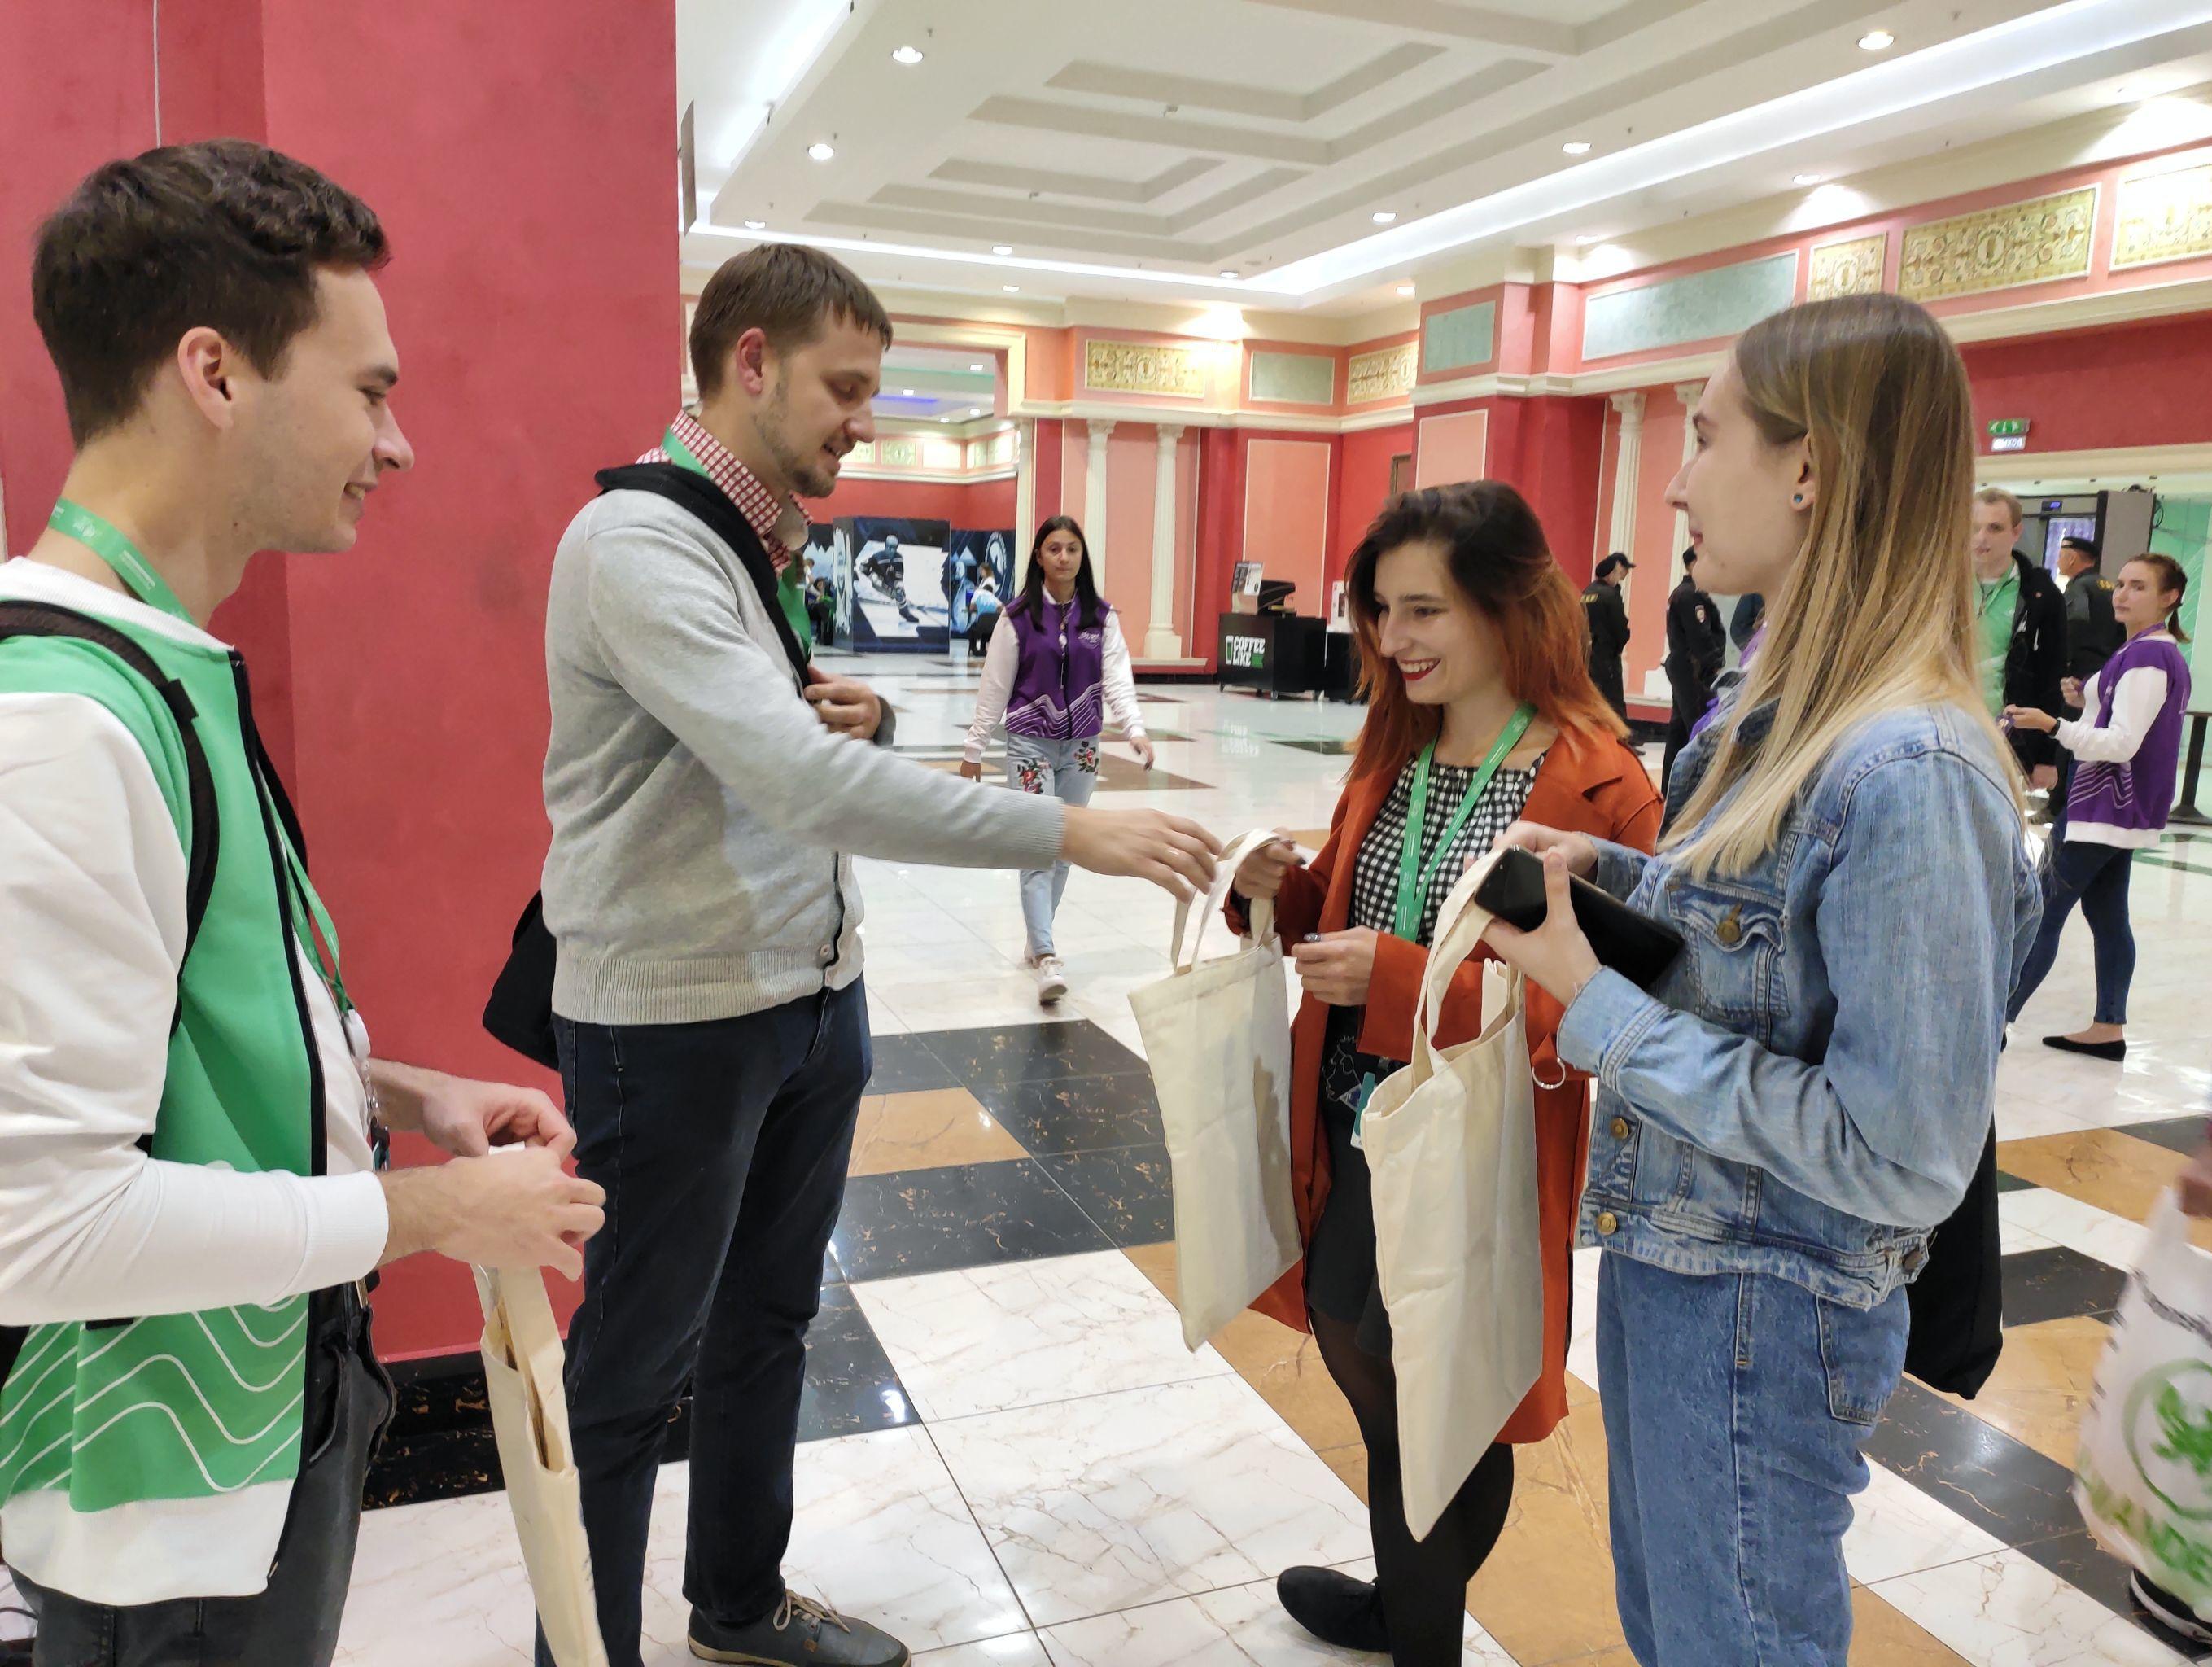 Polscy uczestnicy otrzymują prezenty od Fundacji Centrum Rosyjsko-Polskiego Dialogu i Porozumienia